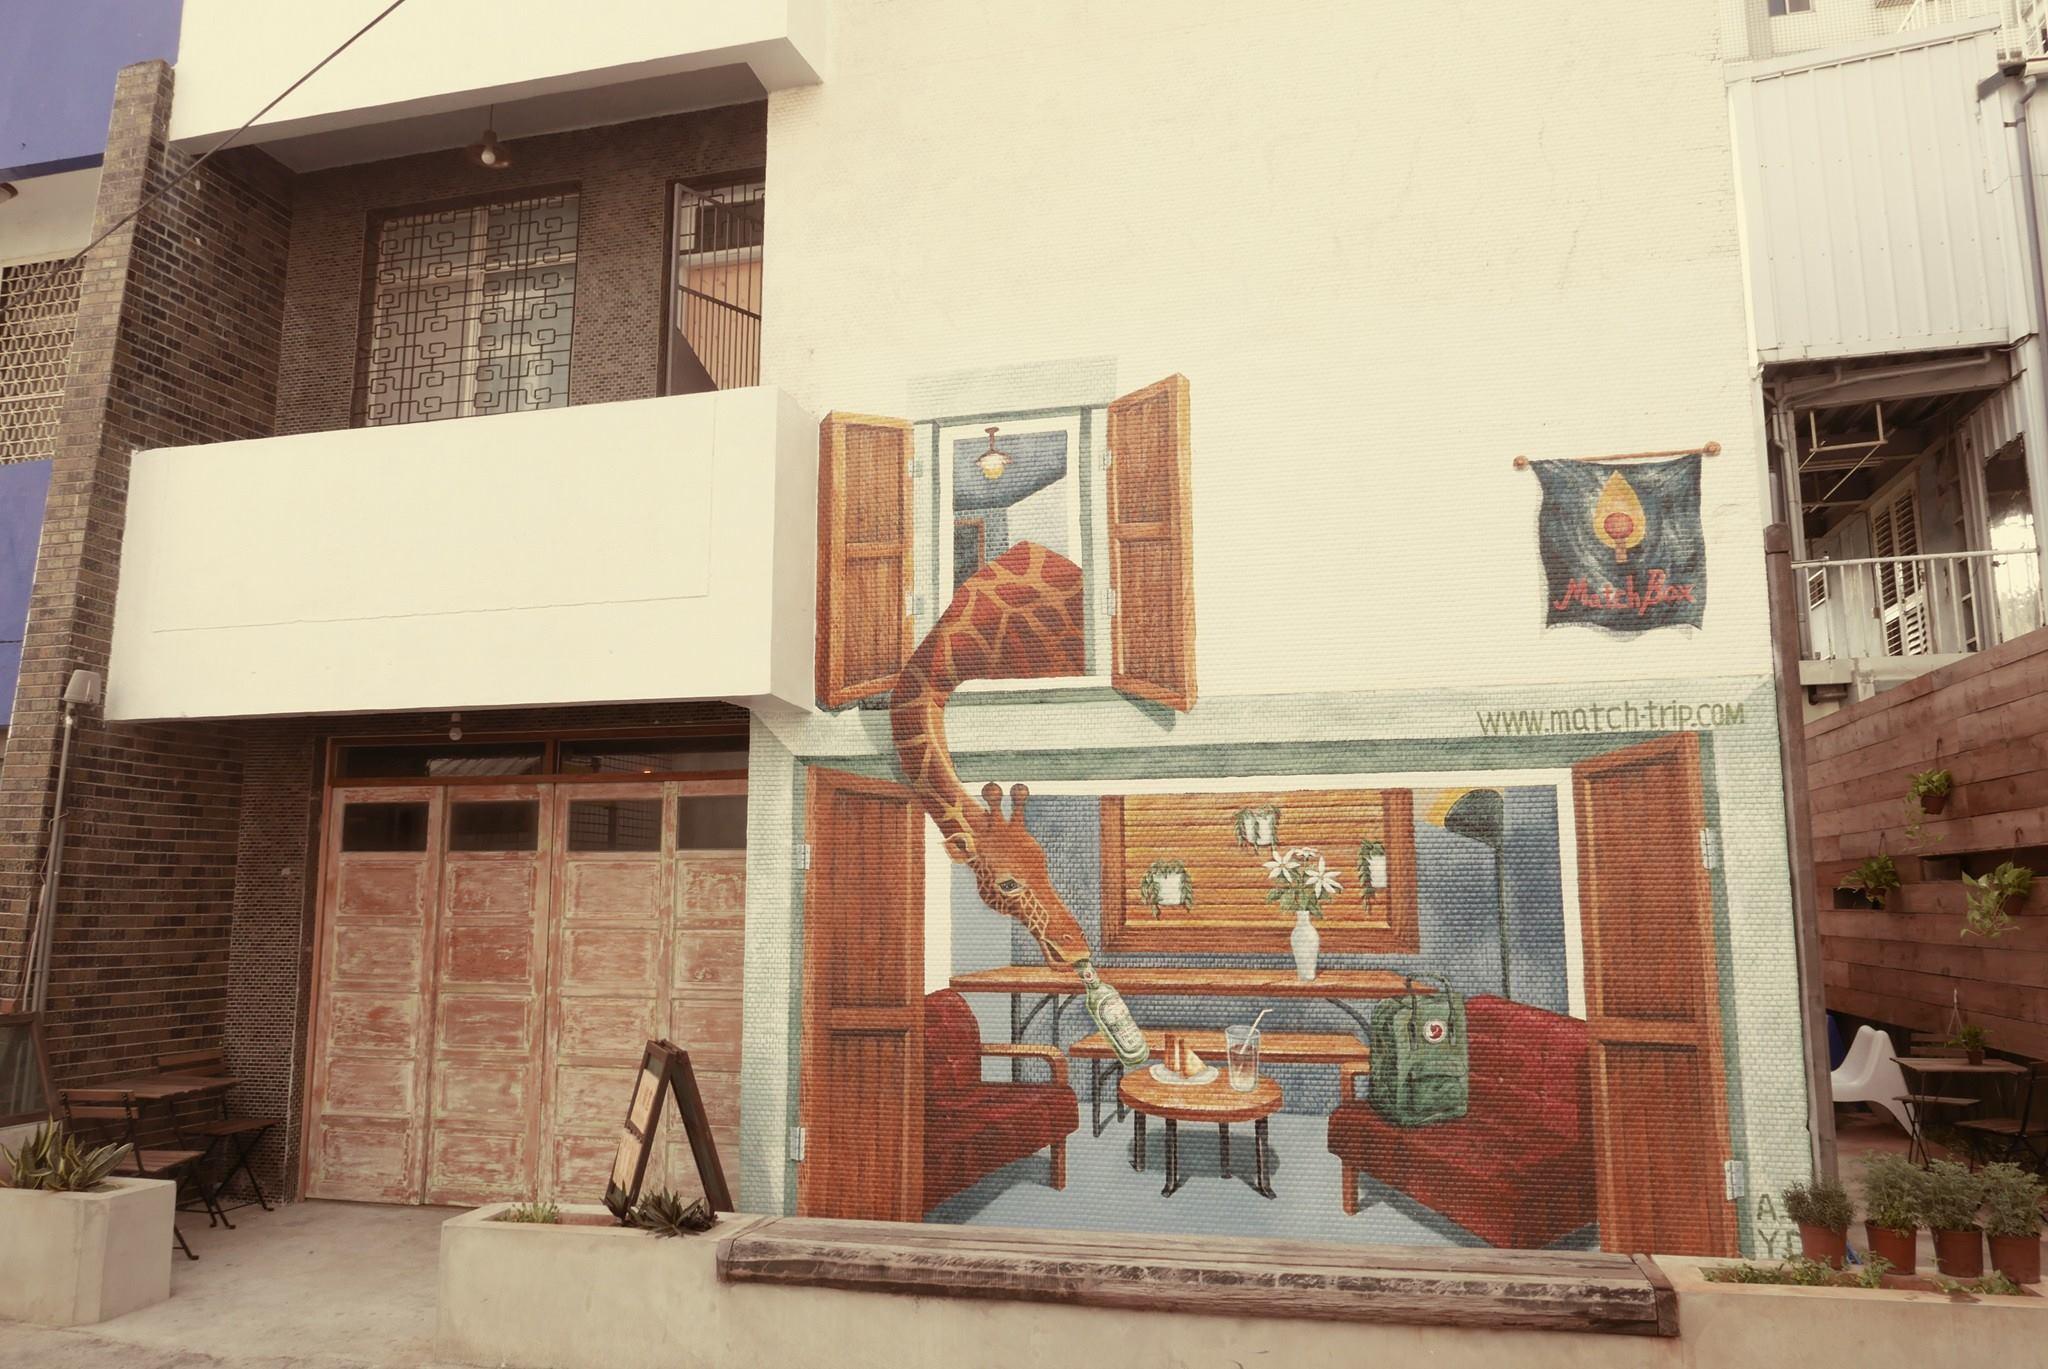 Matchbox Hostel